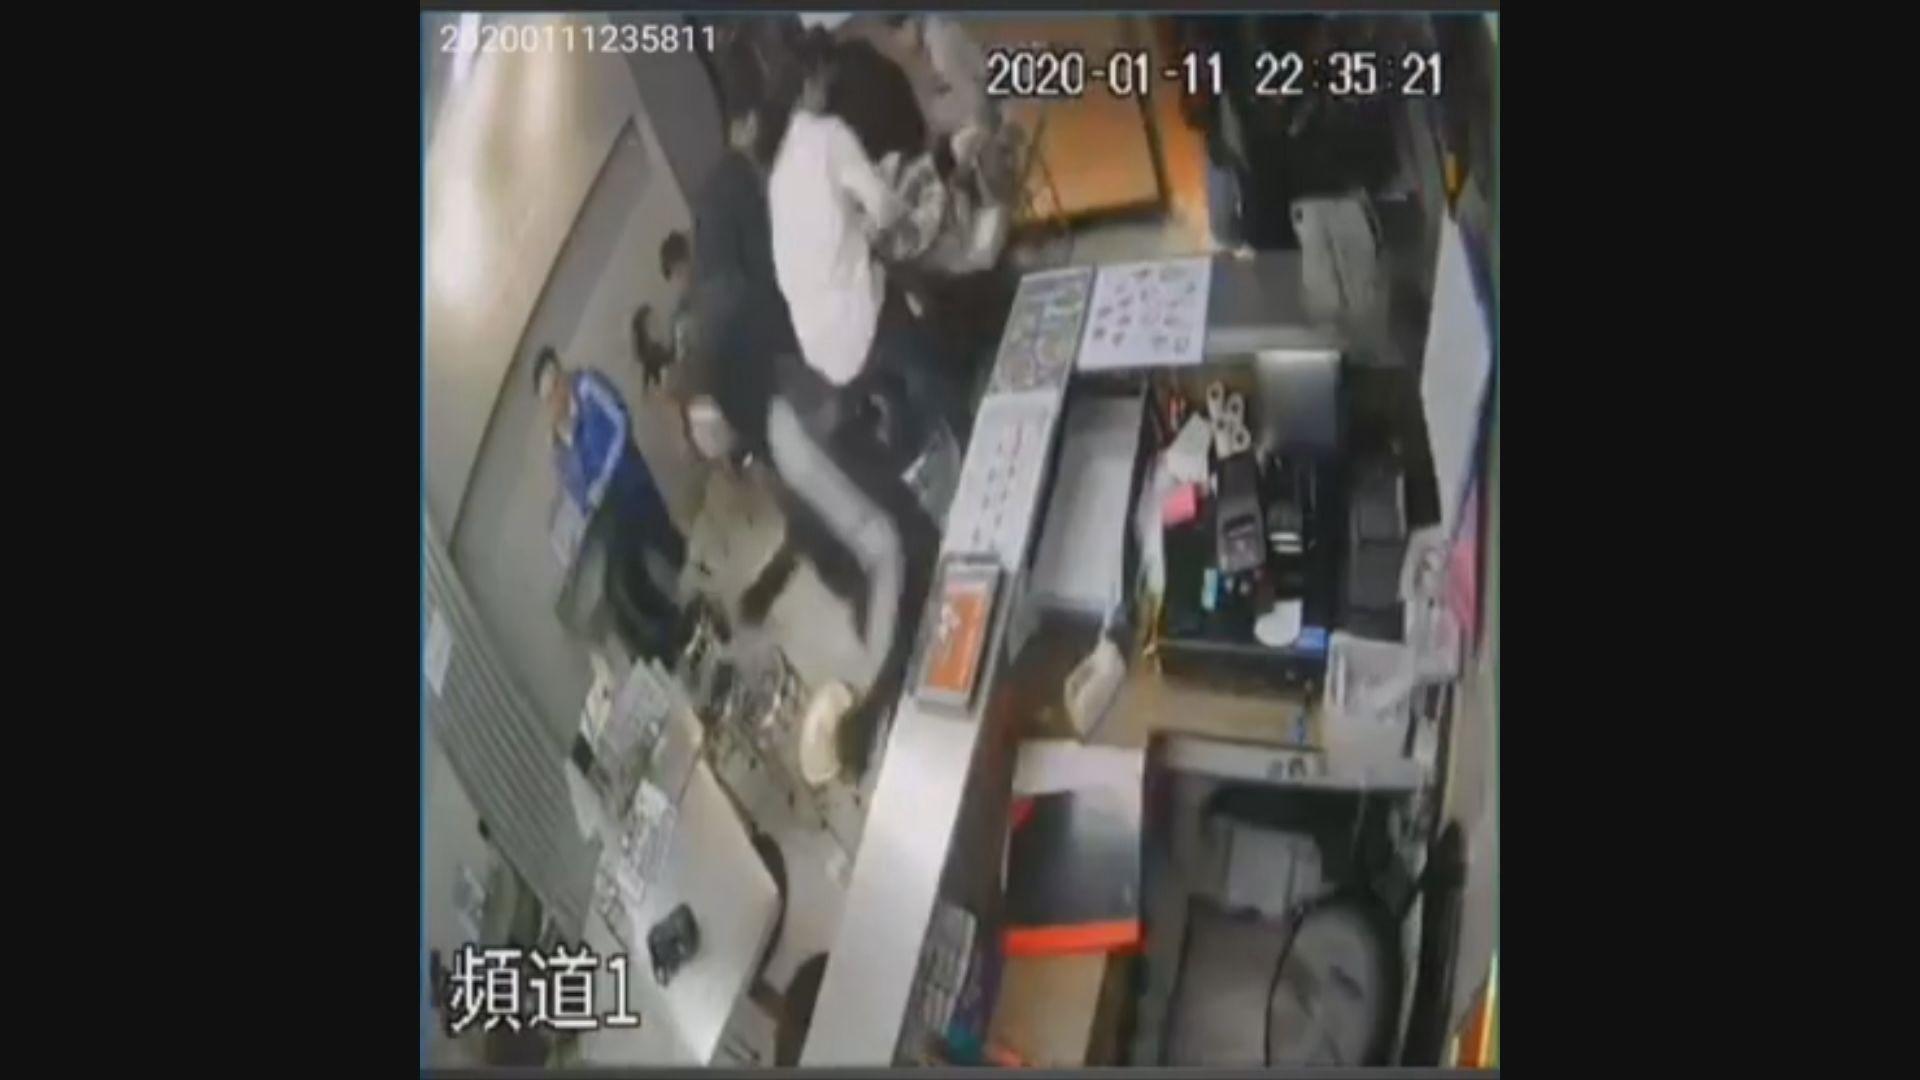 元朗及灣仔餐廳遭破壞 警方列刑毀暫無人被捕